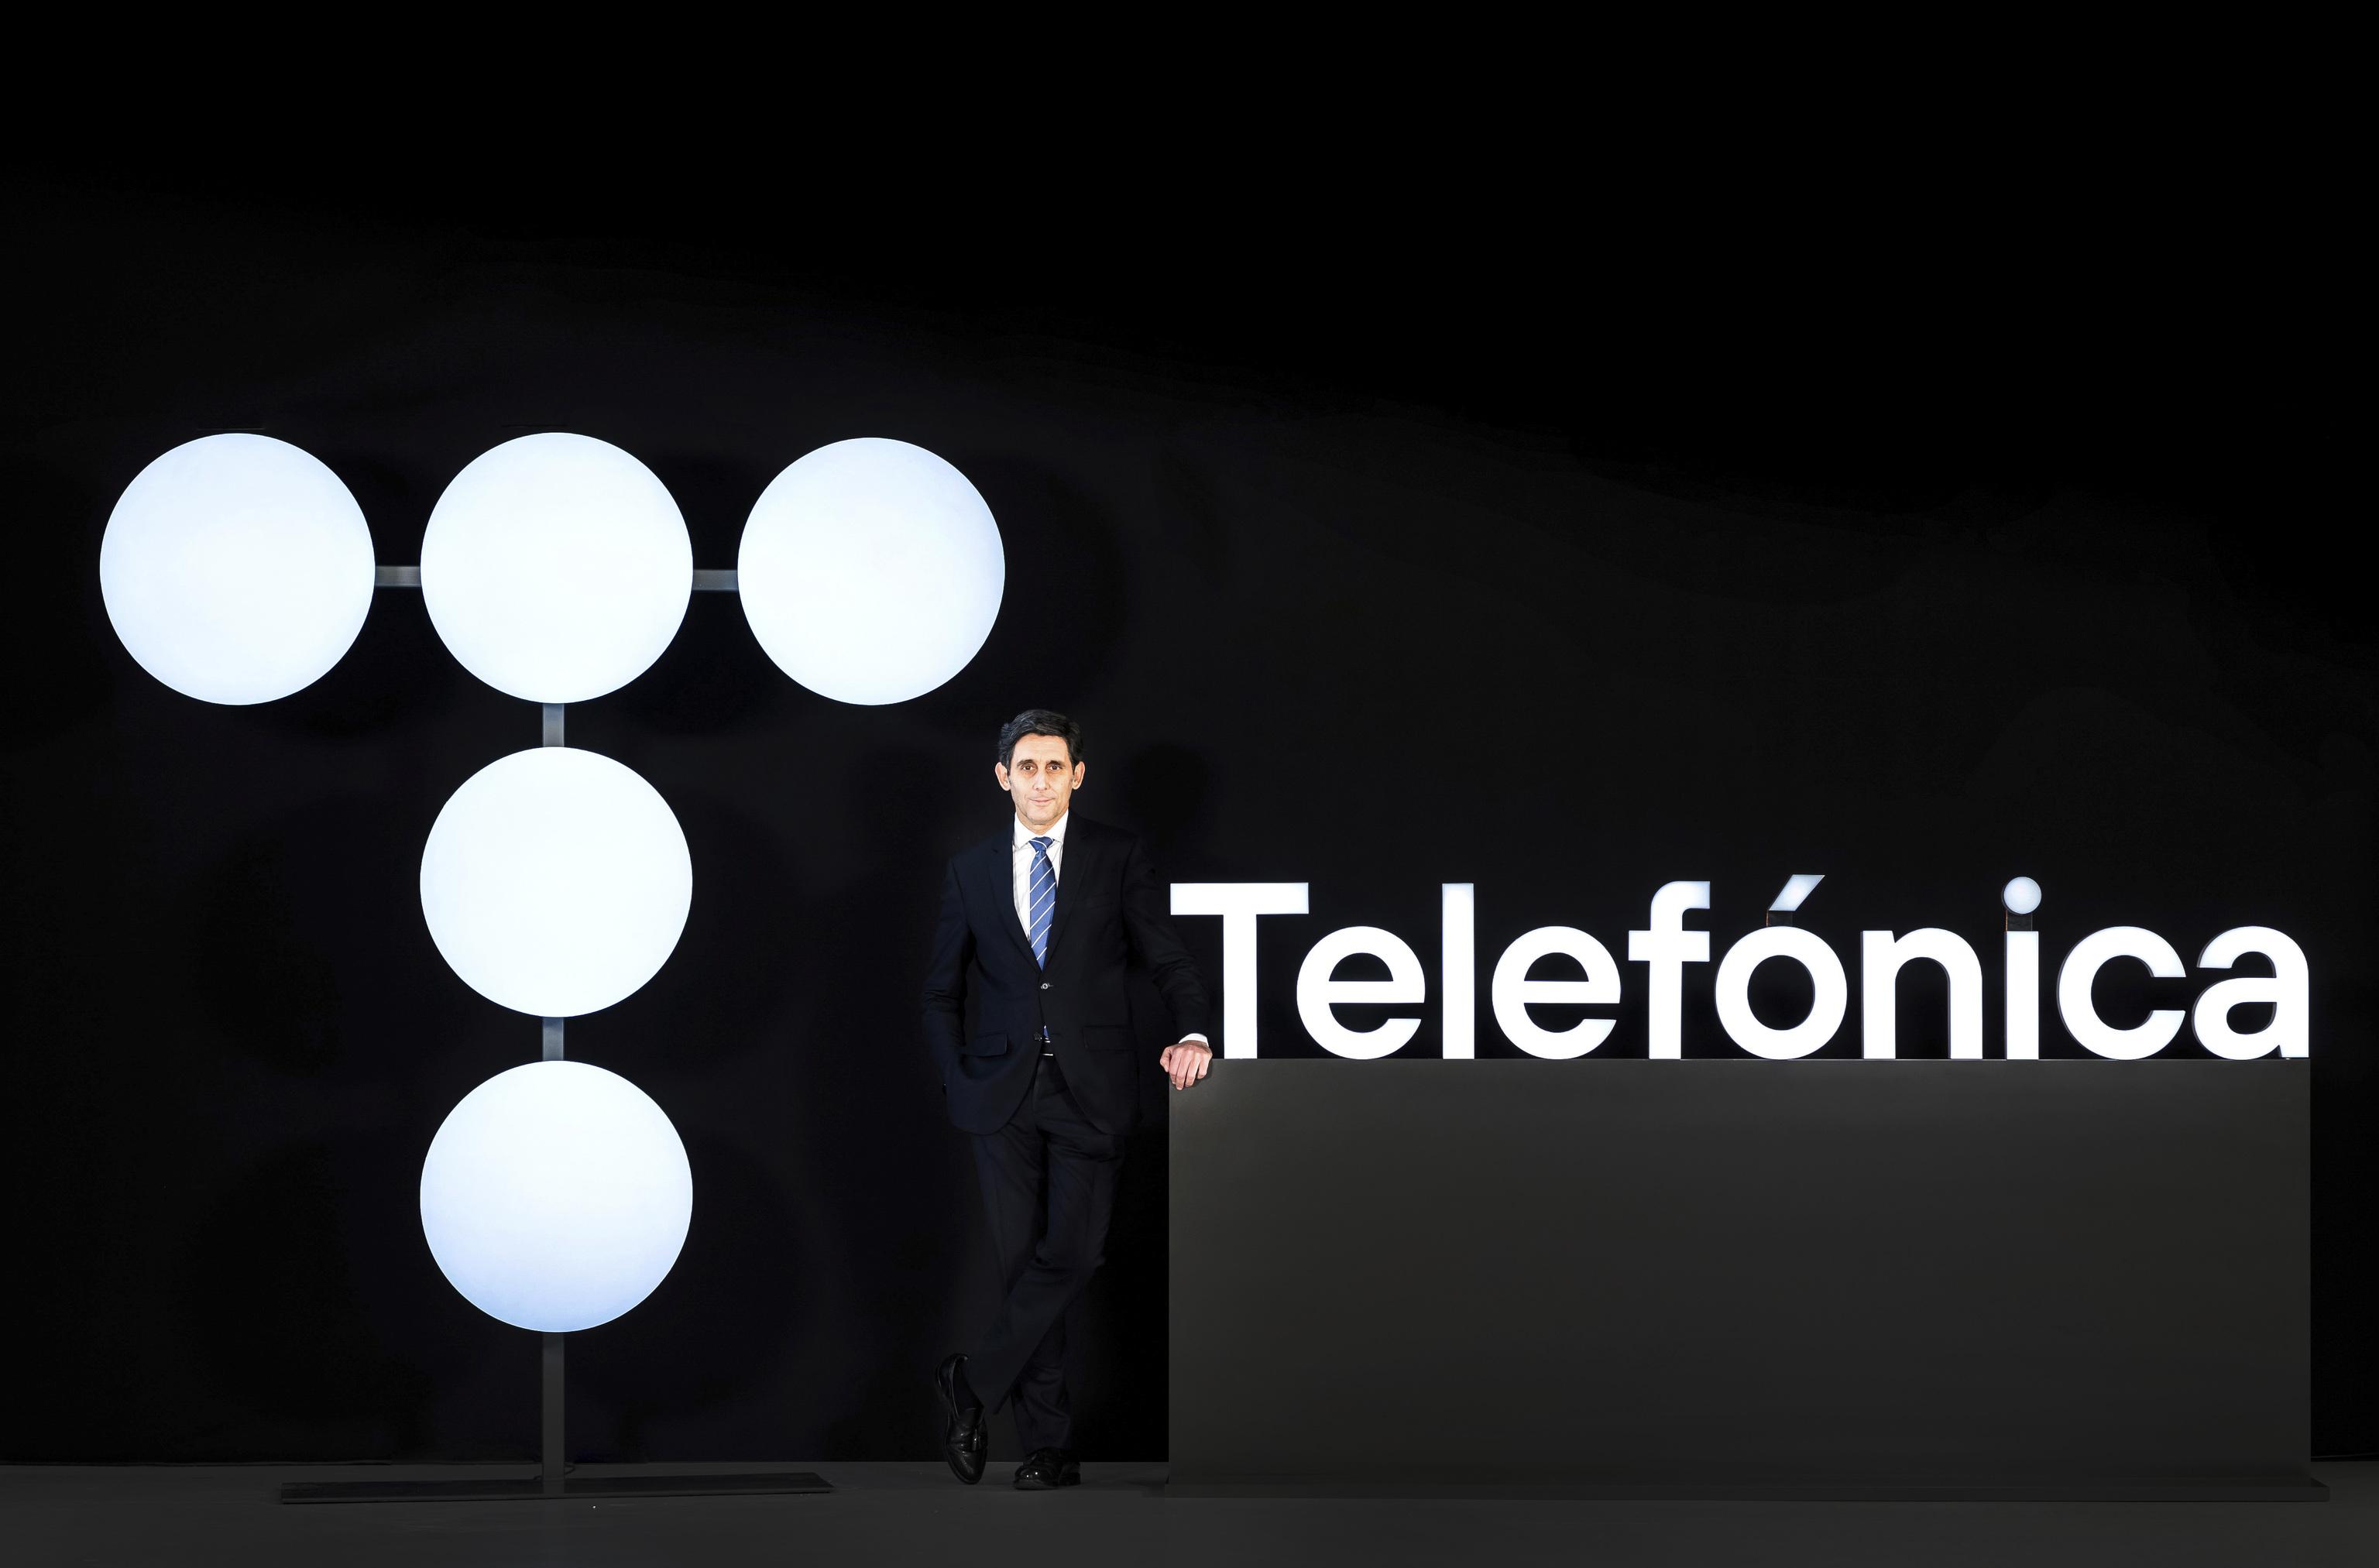 Álvarez-Pallete con el nuevo logo de Telefónica.